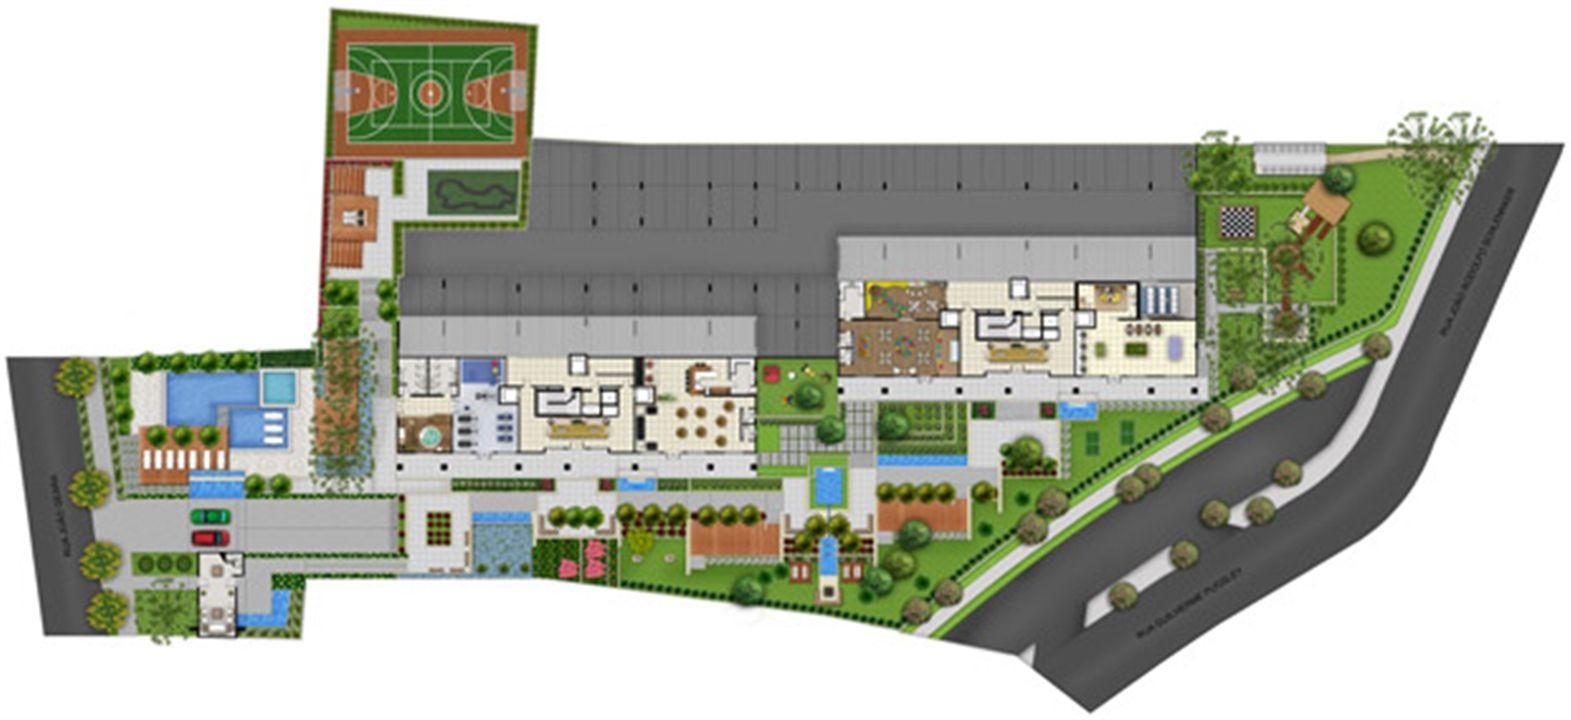 Perspectiva Ilustrada da Implantação | Acqua Verde Family Space – Apartamentono  Água Verde - Curitiba - Paraná